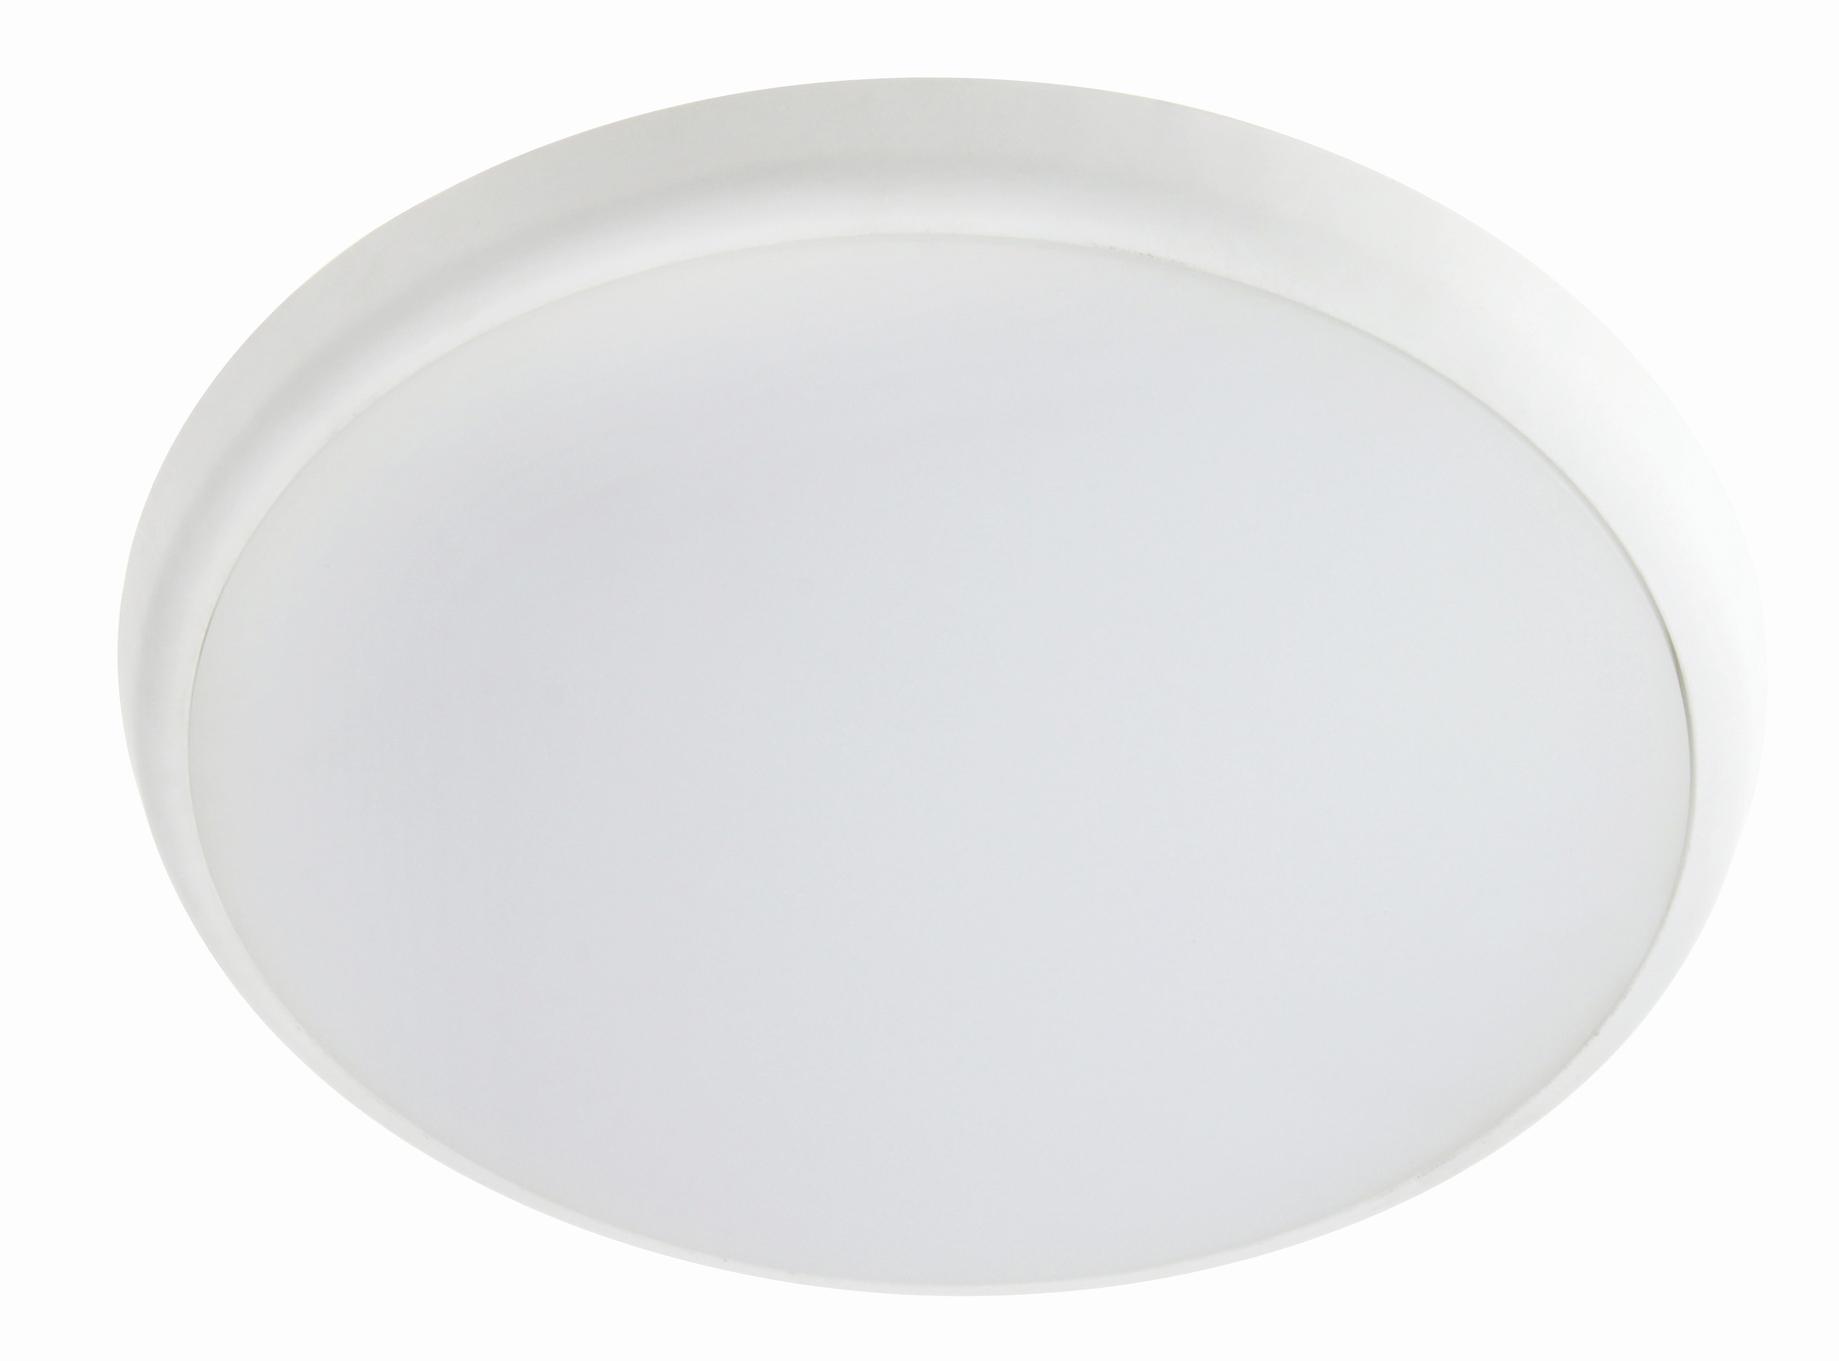 Runde LED Wand- / Deckenleuchte IP54 mit HF-Sensor